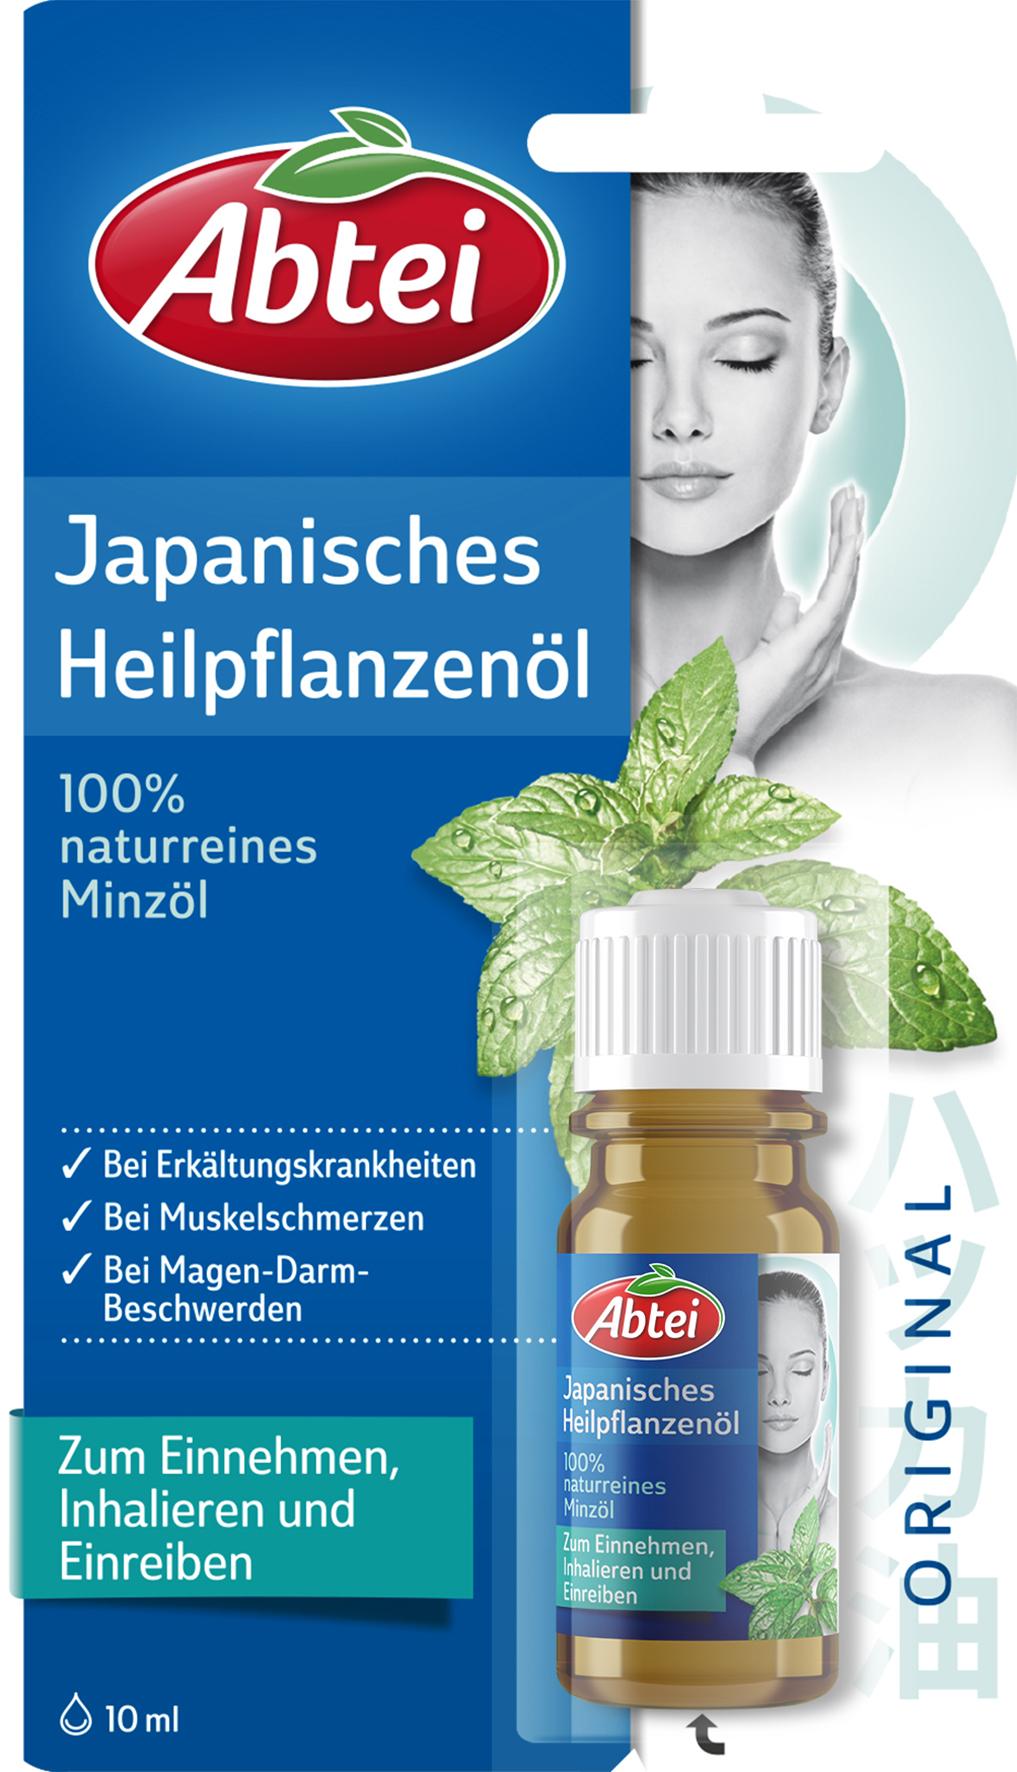 Abtei Japanisches Heilpflanzenöl (10 ml) 4026600476003